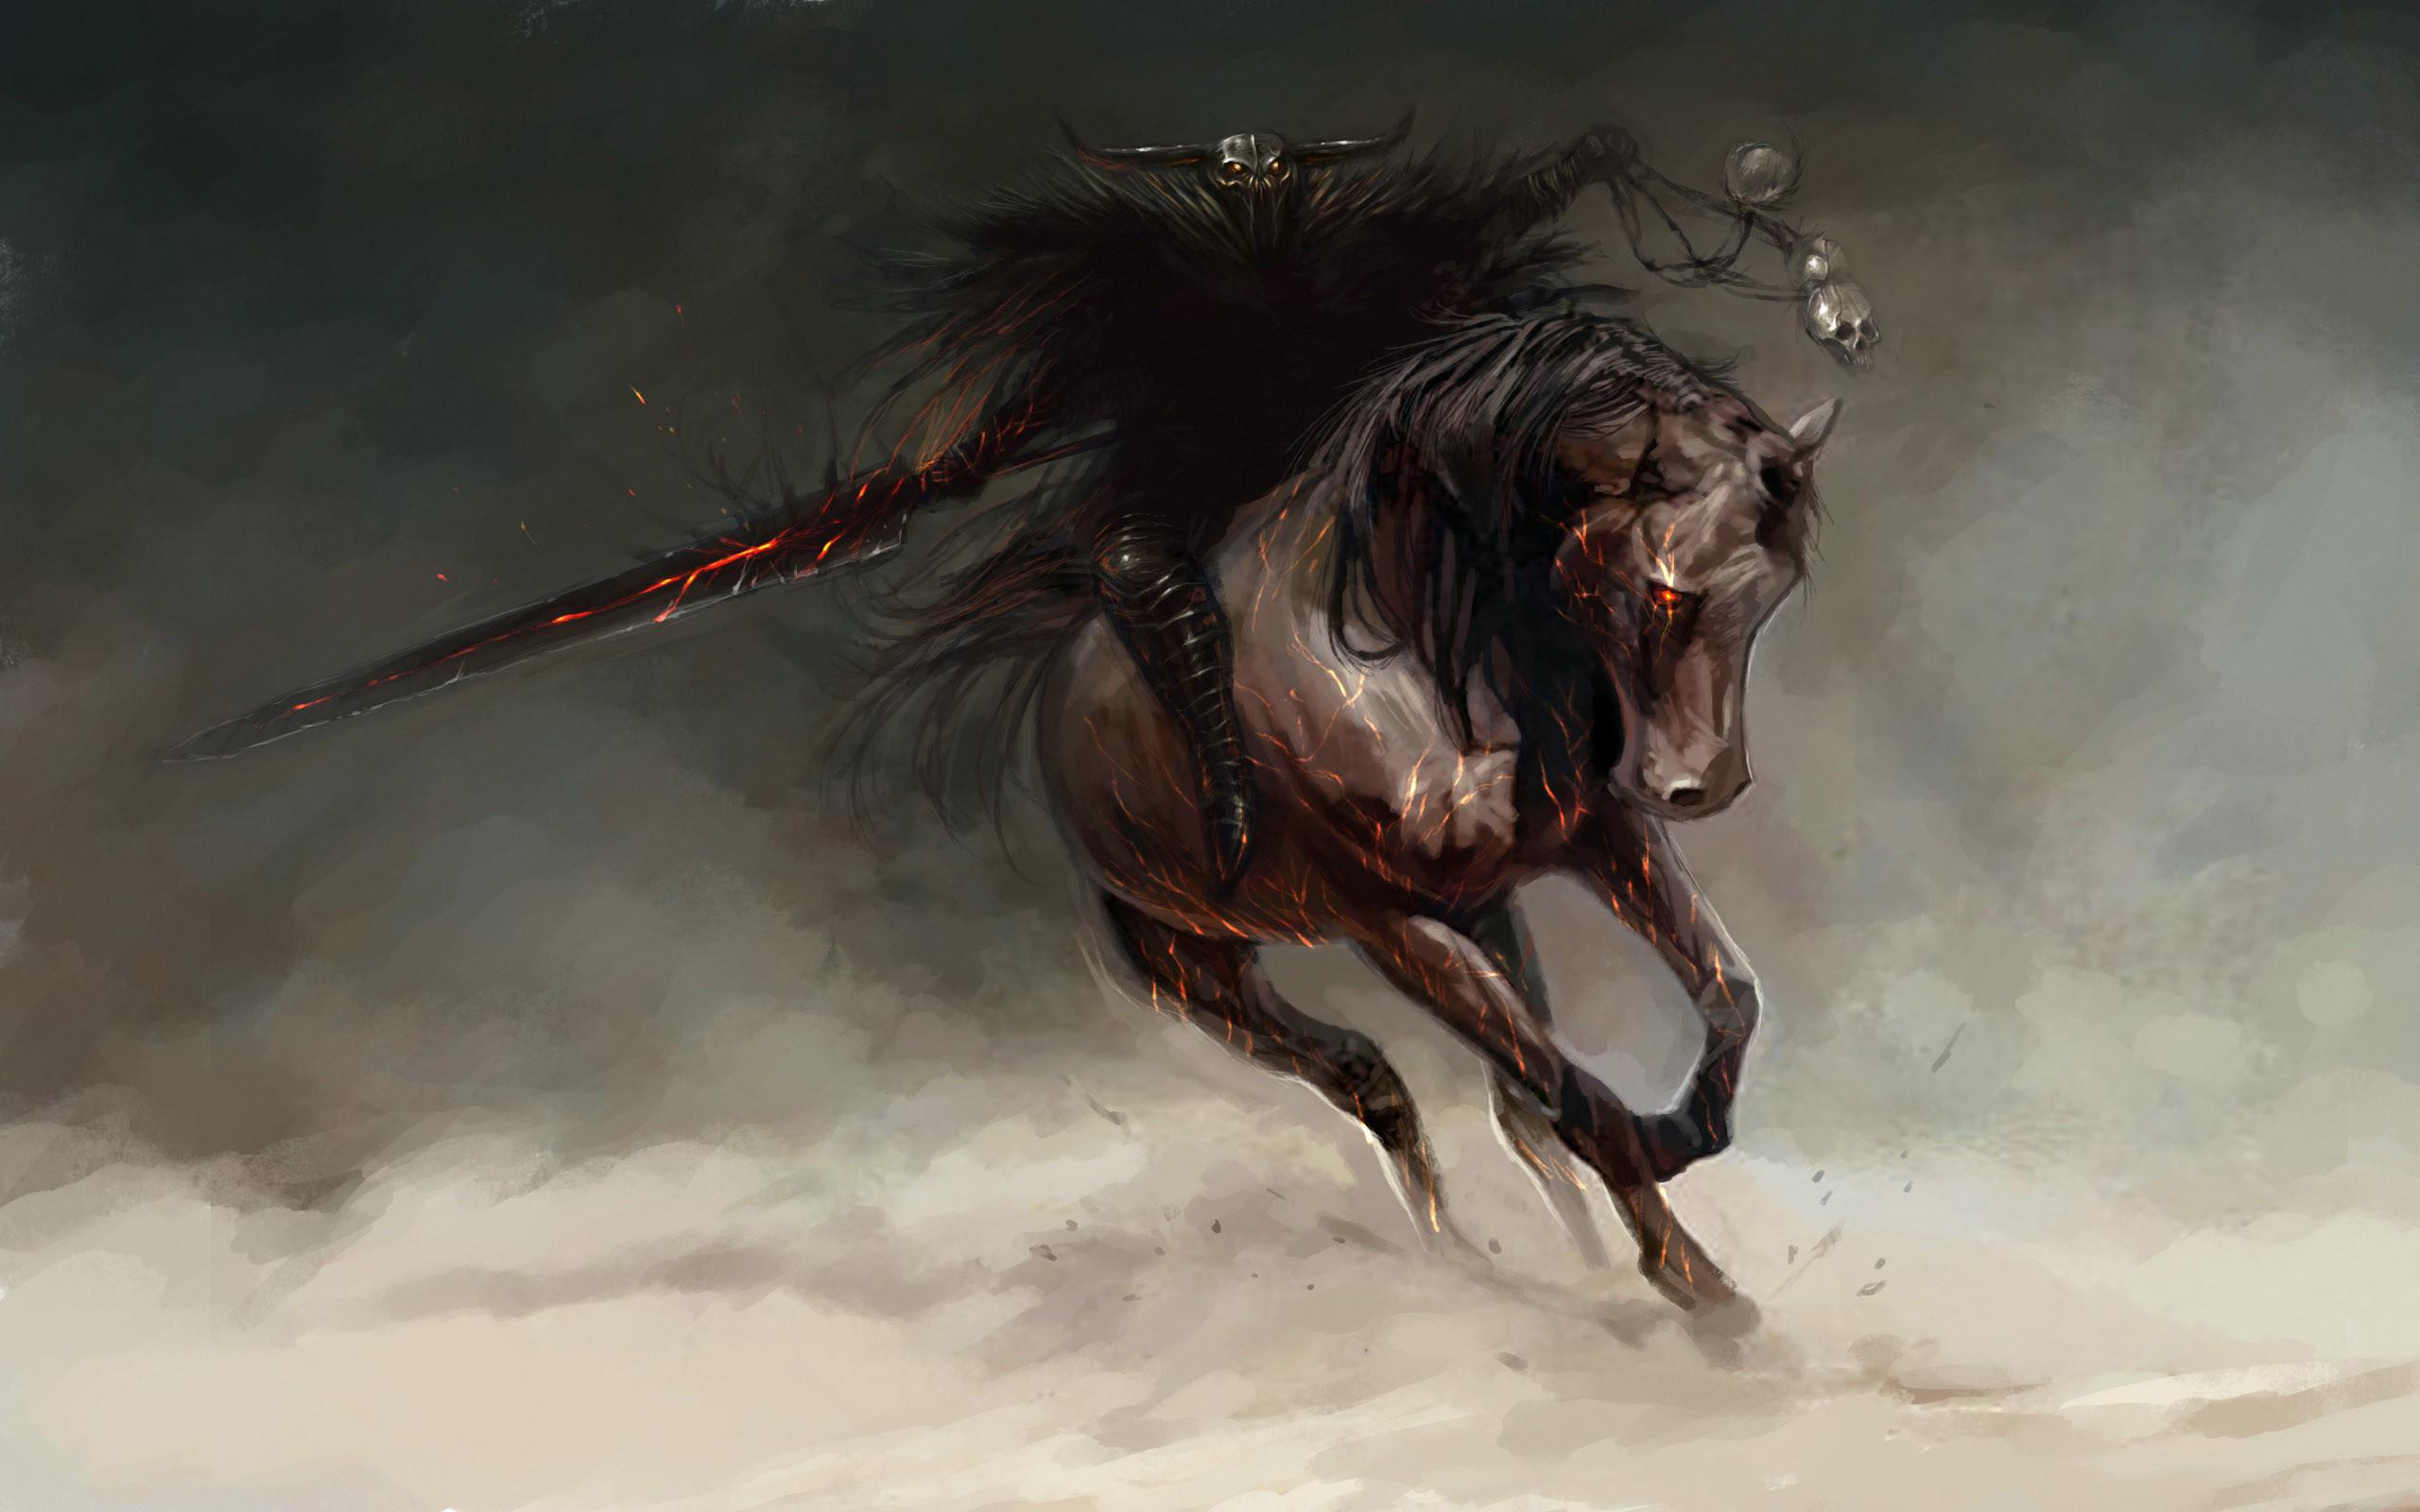 Dark Horse Wallpaper 60 Pictures